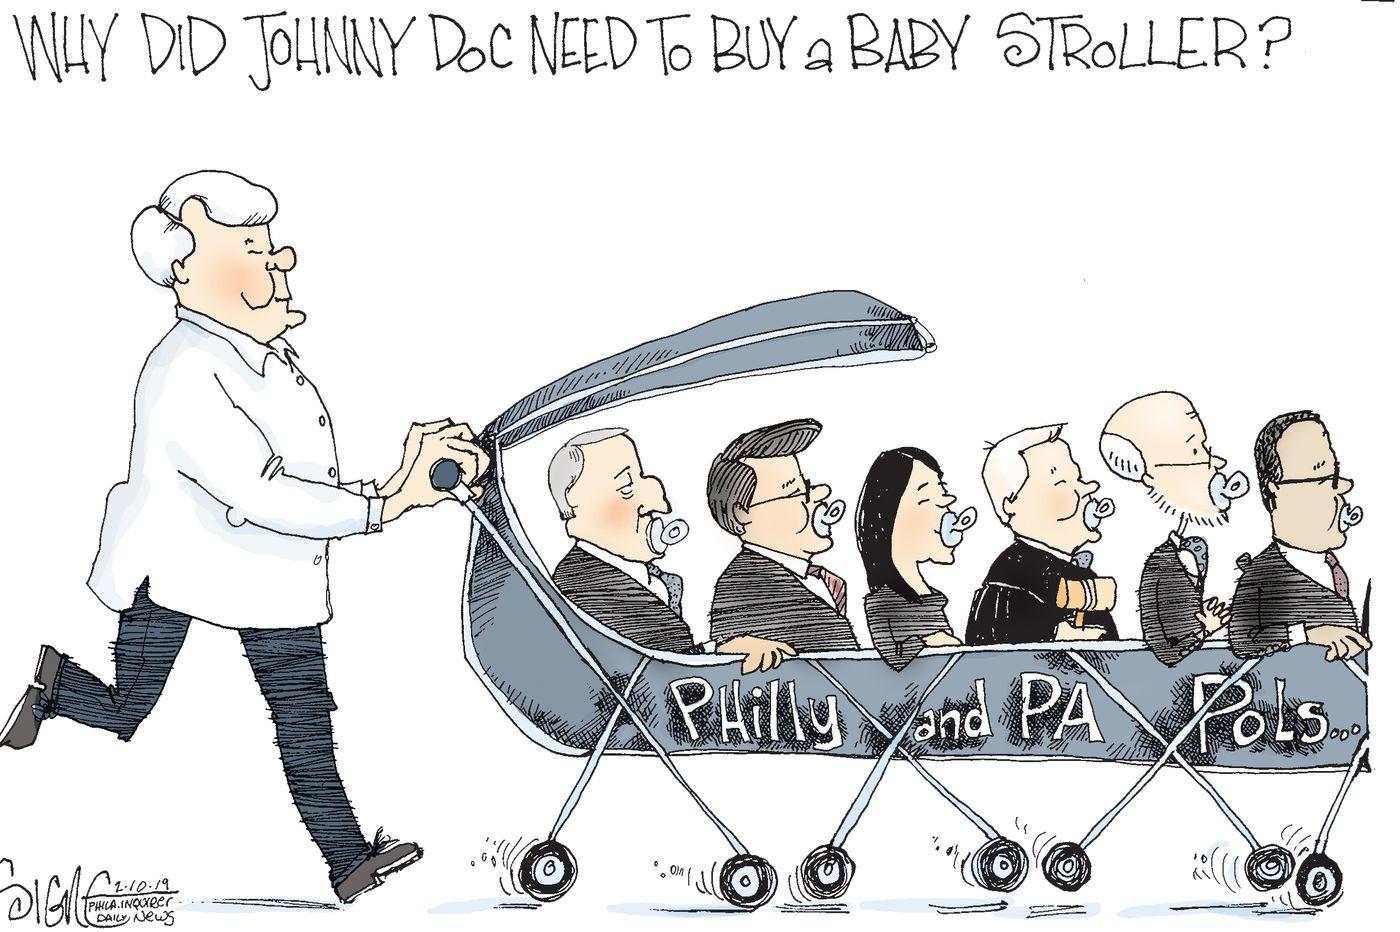 Political Cartoon Johnny Doc S Political Stroller